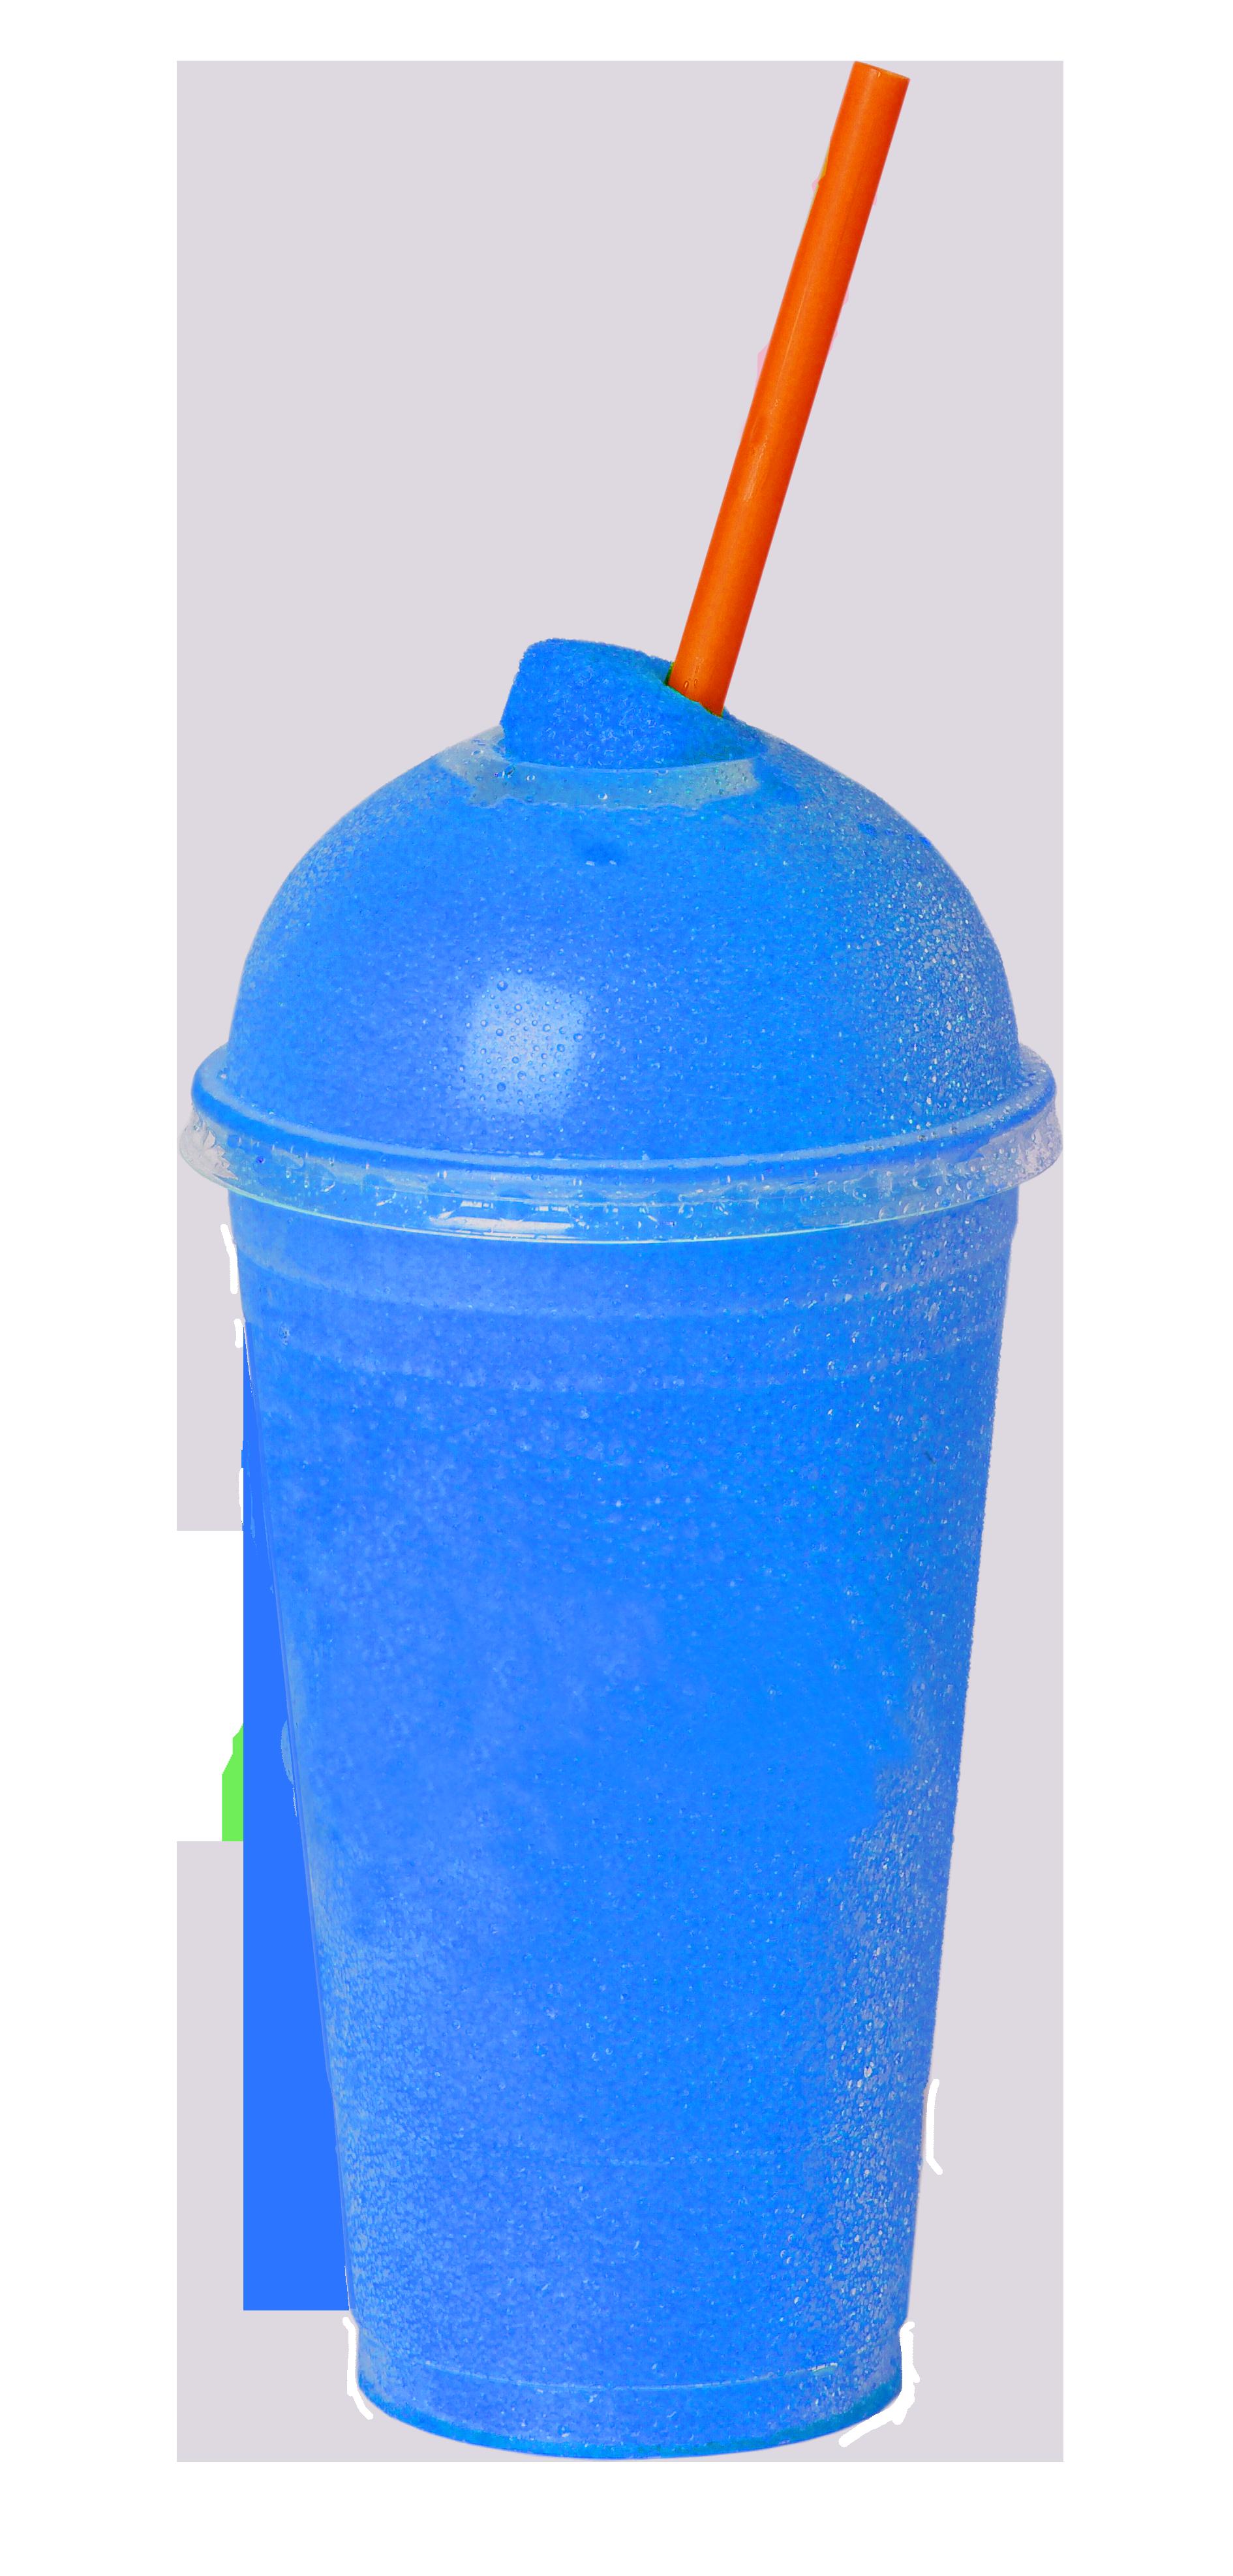 frozen-beverage--blue-slushie-straw